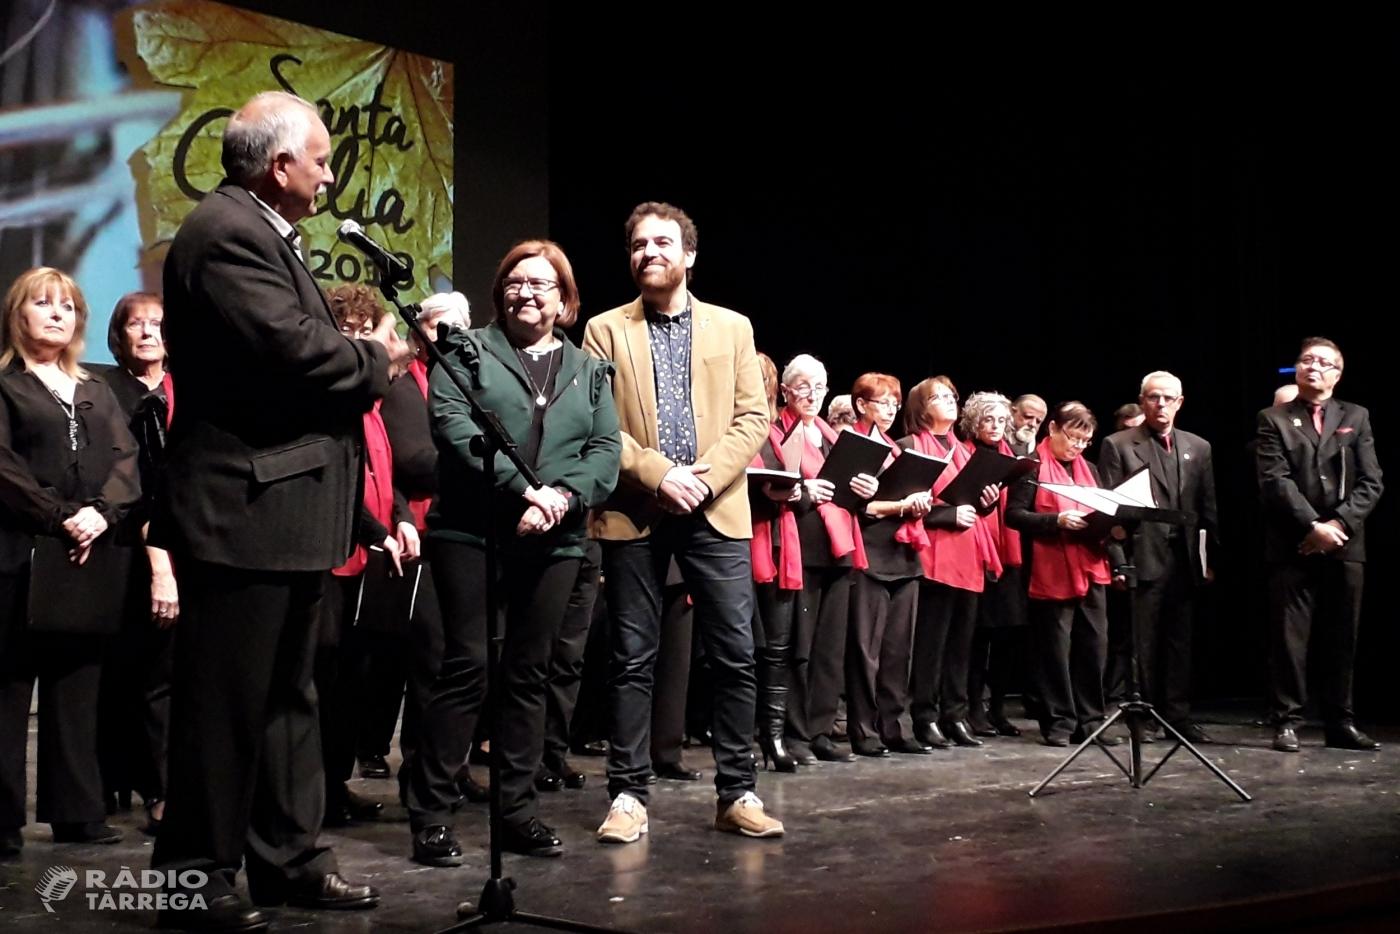 Èxit del concert de Santa Cecília a Tàrrega en favor del Magatzem d'Aliments Solidaris